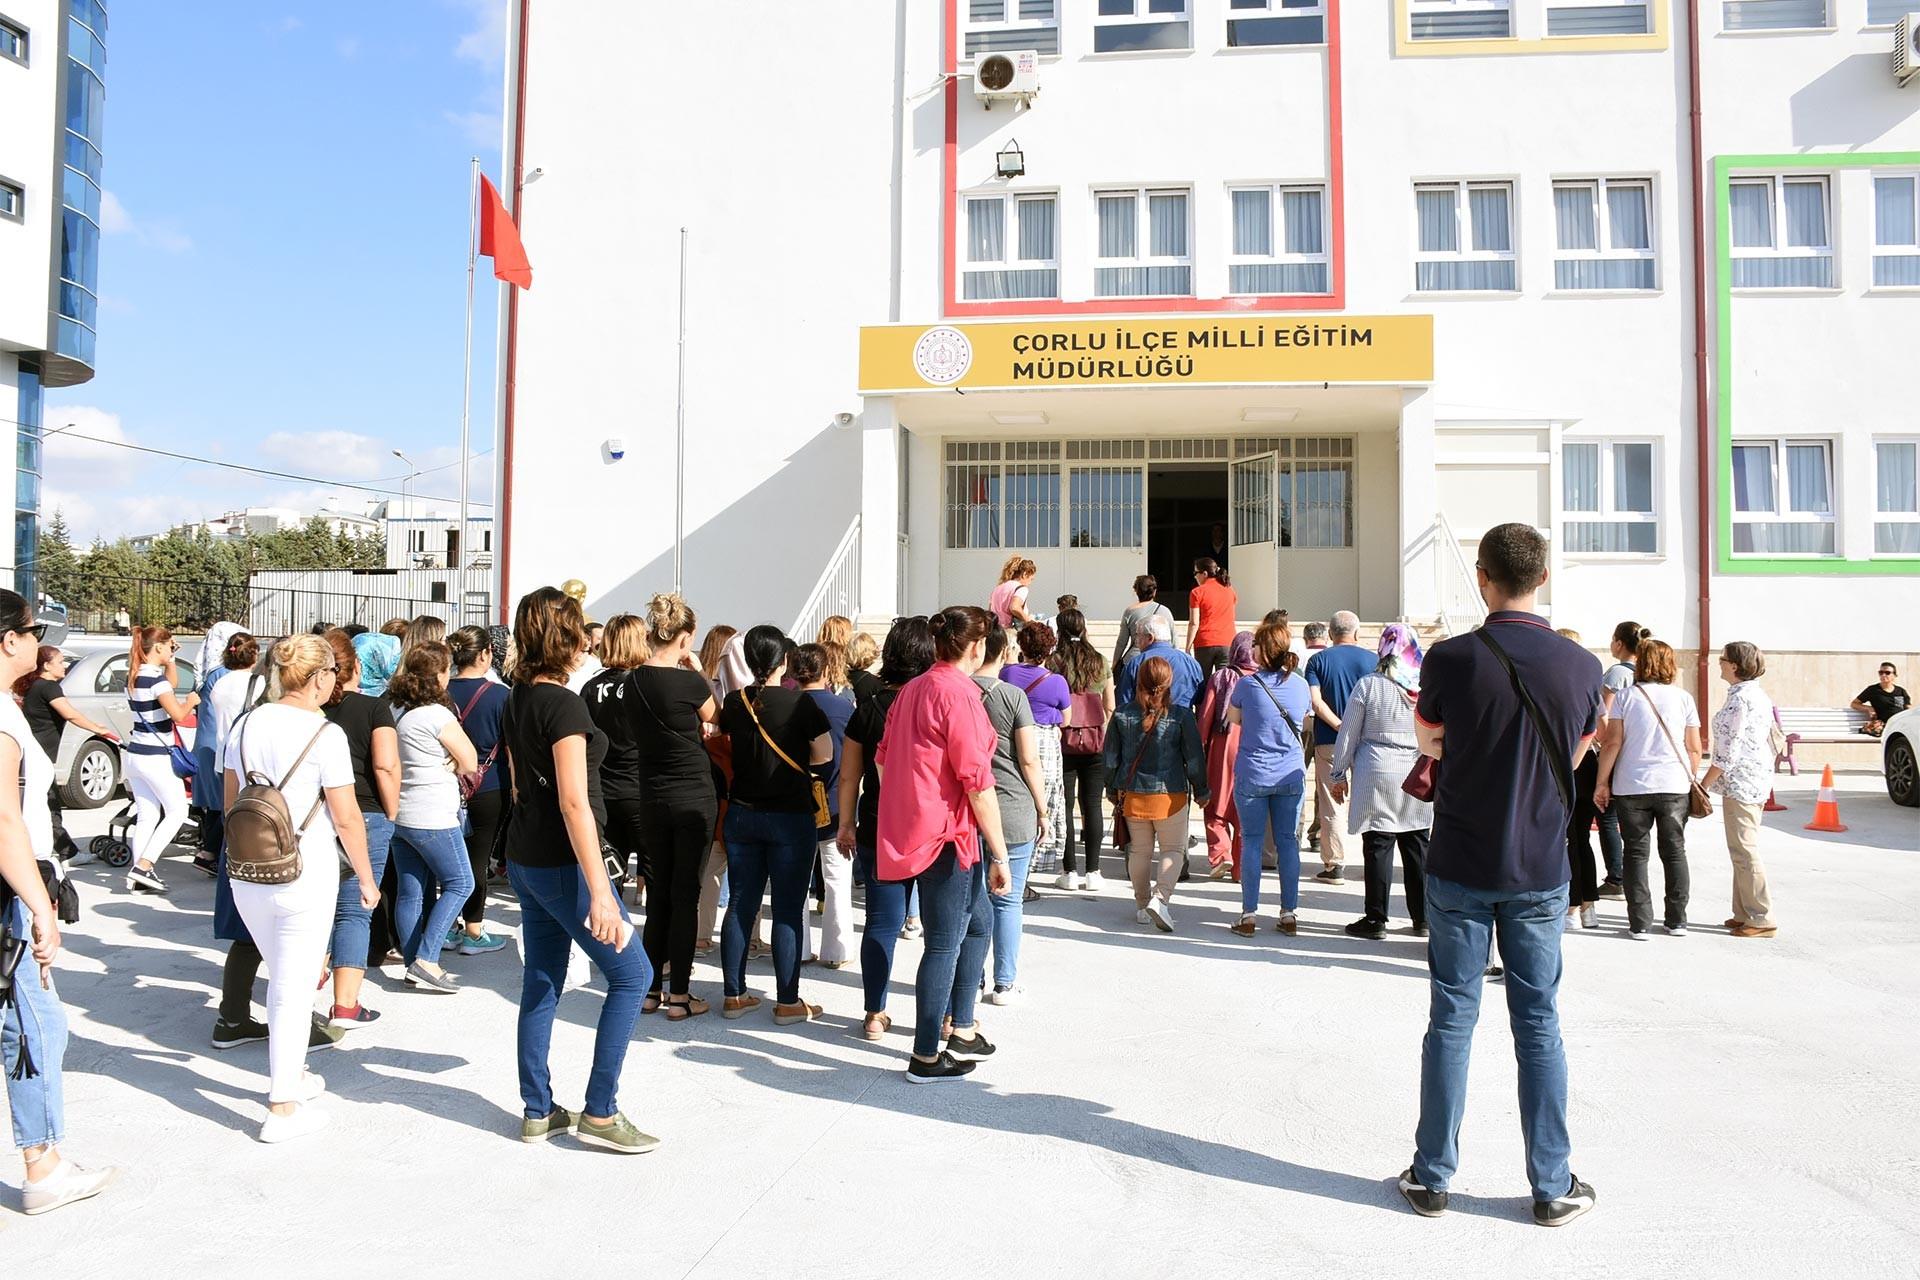 Çorlu'da öğrenci velilerinden protesto eylemi